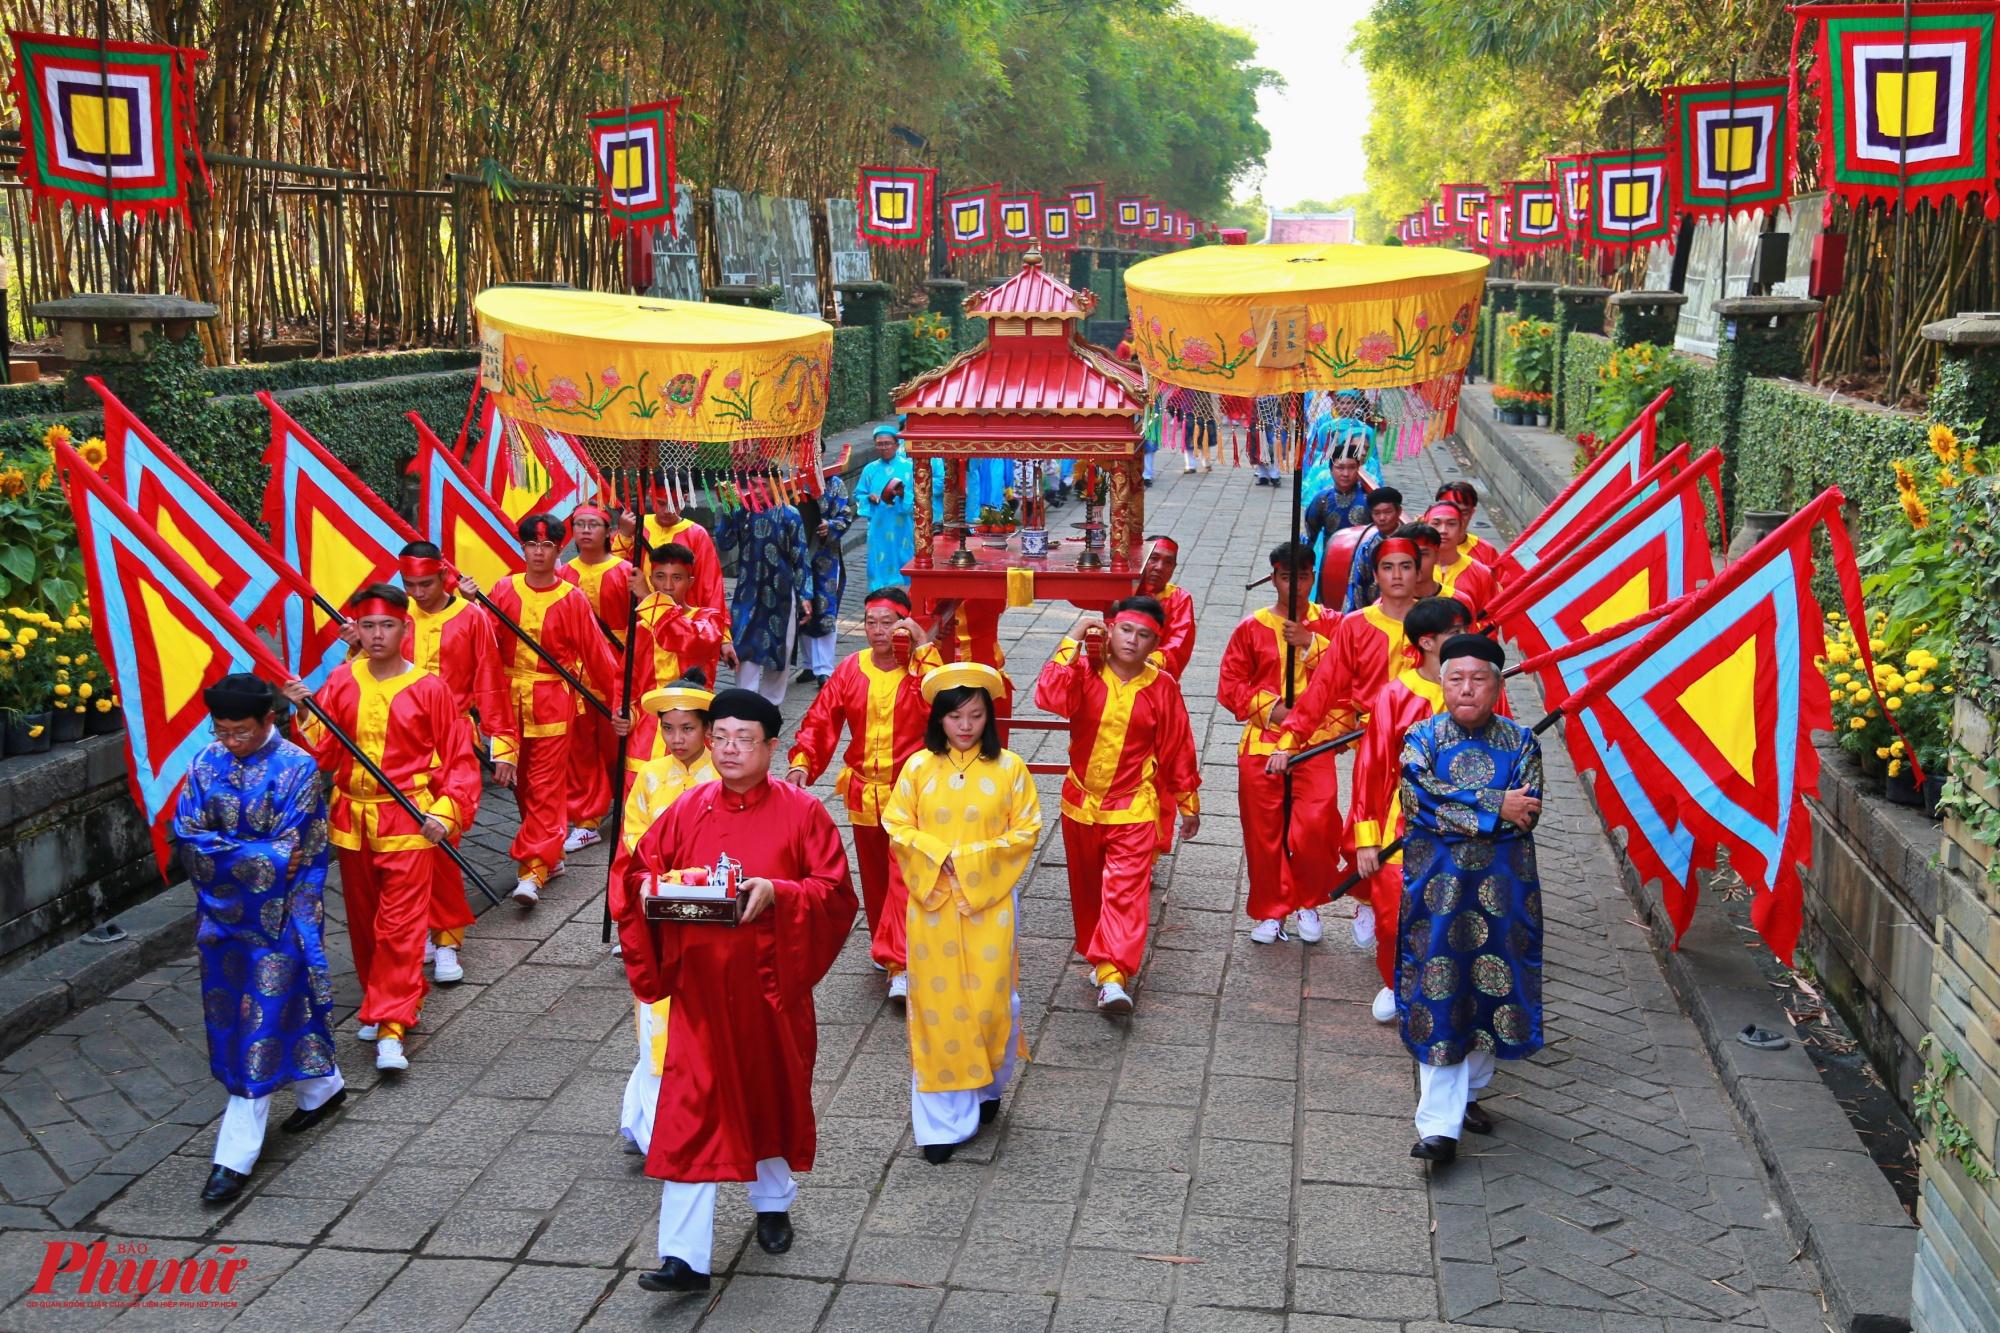 Lễ được thực hiện tại khu tưởng niệm các Vua Hùng và Đền thờ Đức Lễ Thành hầu Nguyễn Hữu Cảnh trong khuôn viên Công viên Lịch sử - Văn hóa Dân tộc (phường Long Bình, quận 9, TP.HCM).